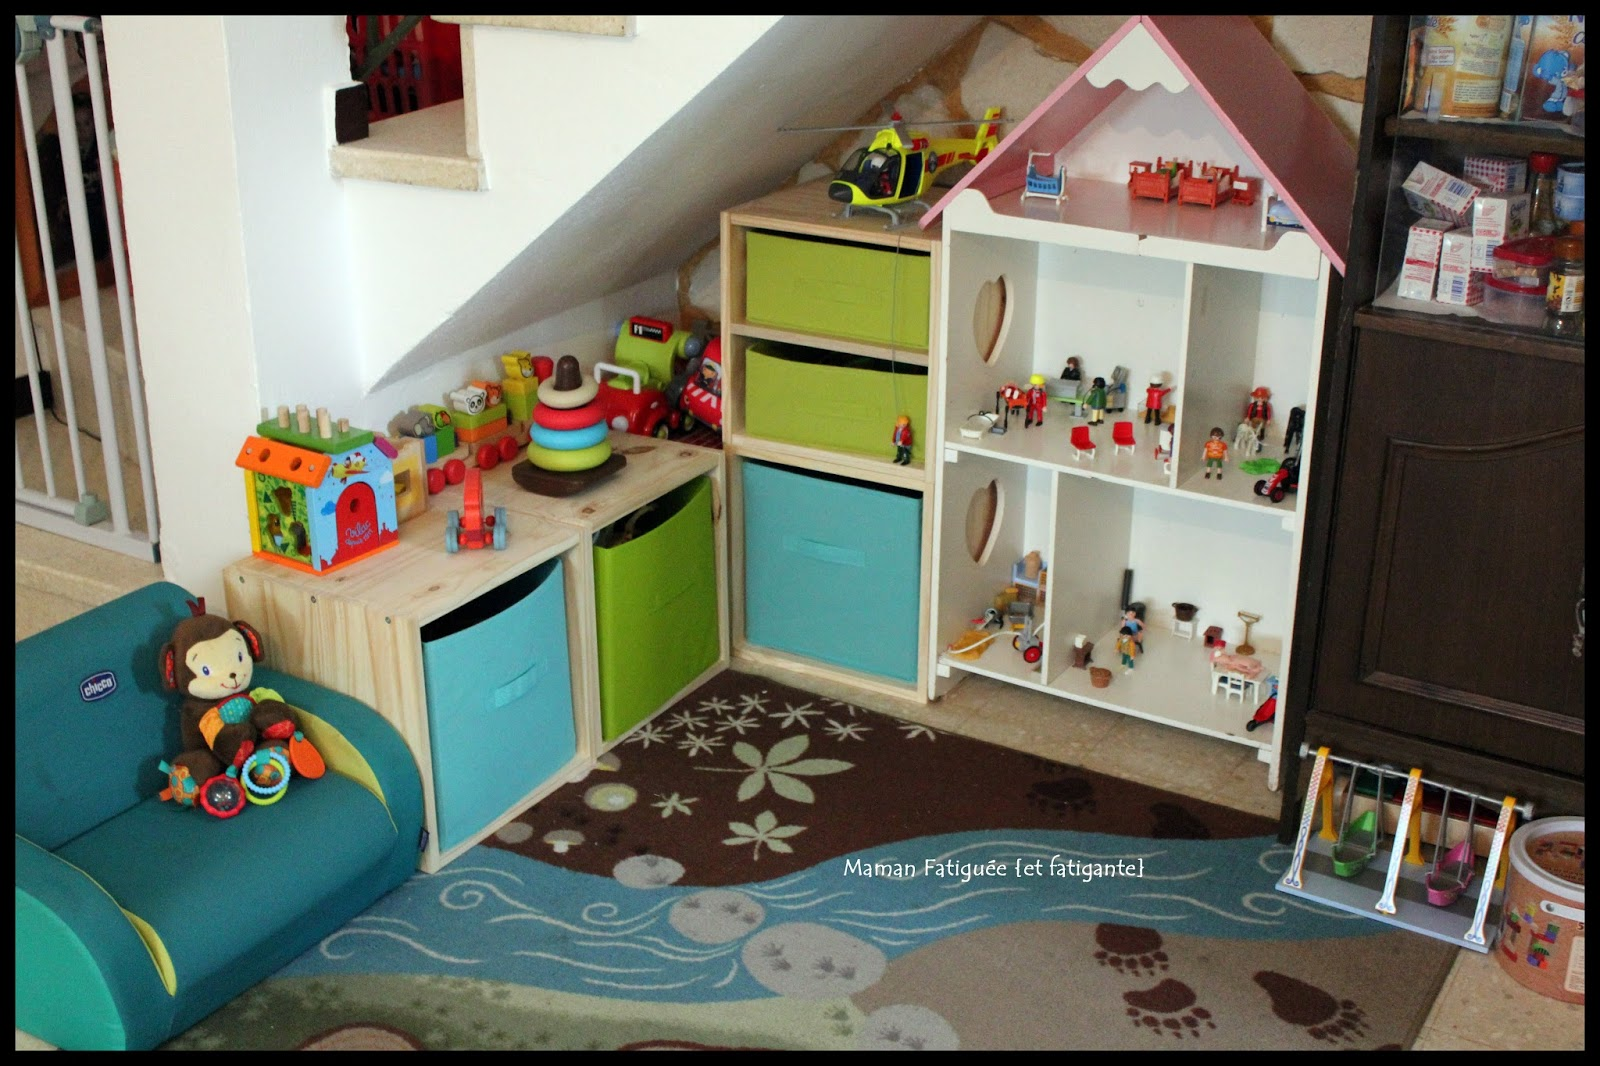 Le coin jeux du salon maman fatigu e et fatigante for Salon des enfants